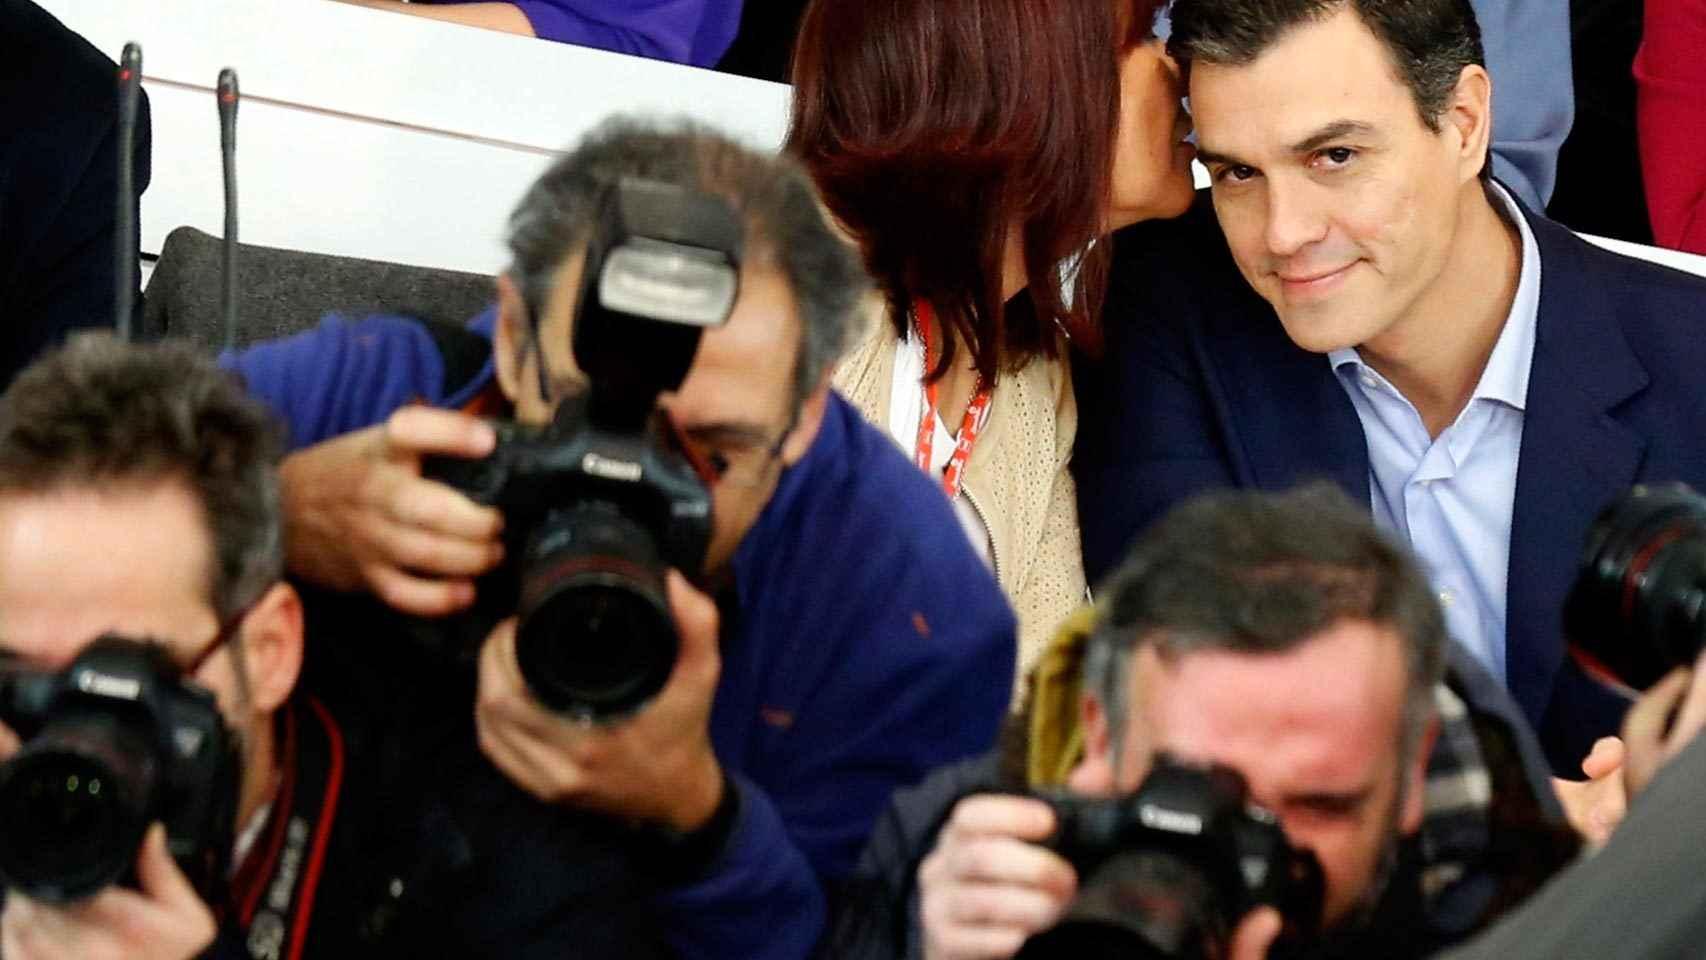 La presidenta del PSOE, Micaela Navarro habla con Sánchez mientras los fotógrafos apuntan aDíaz.